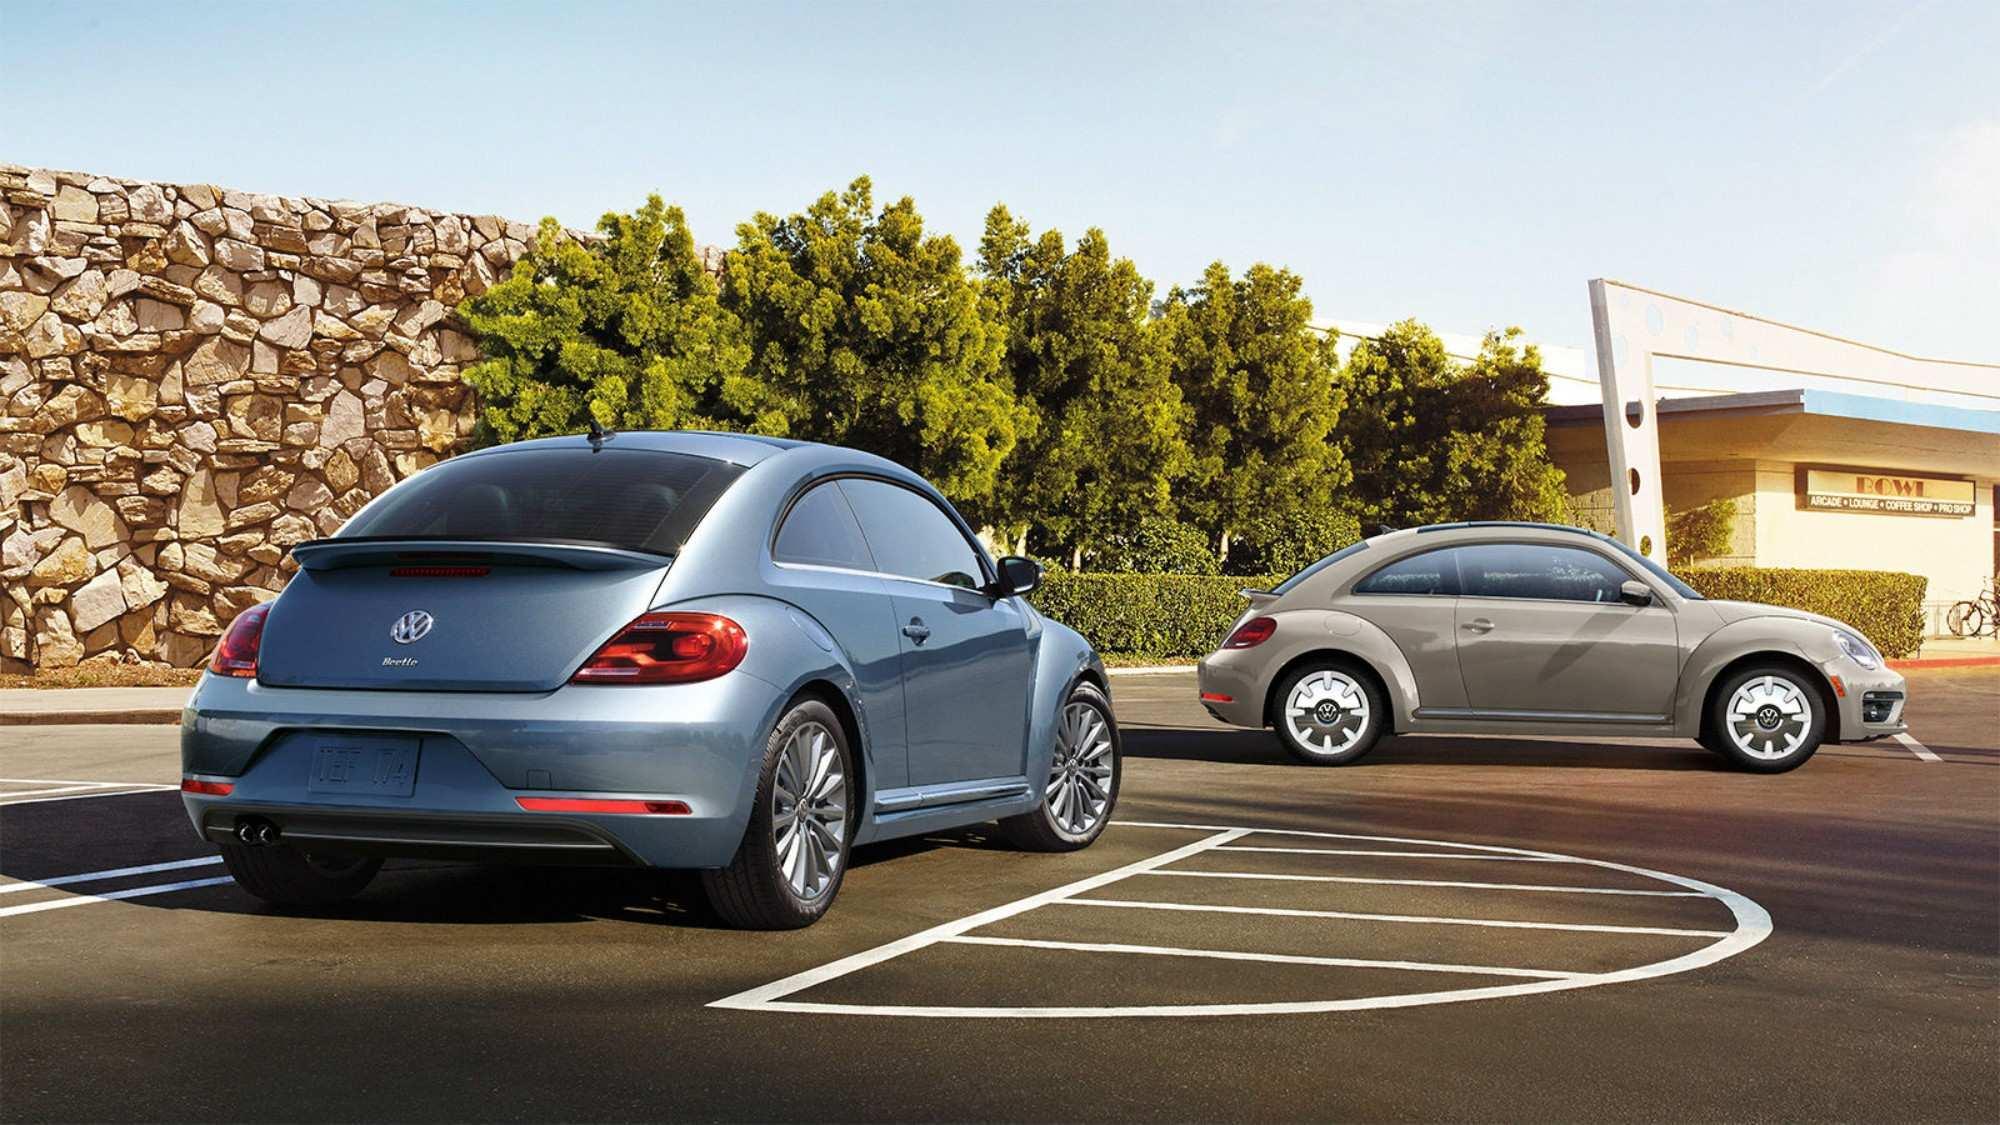 89 Gallery of 2019 Volkswagen Bug Configurations with 2019 Volkswagen Bug